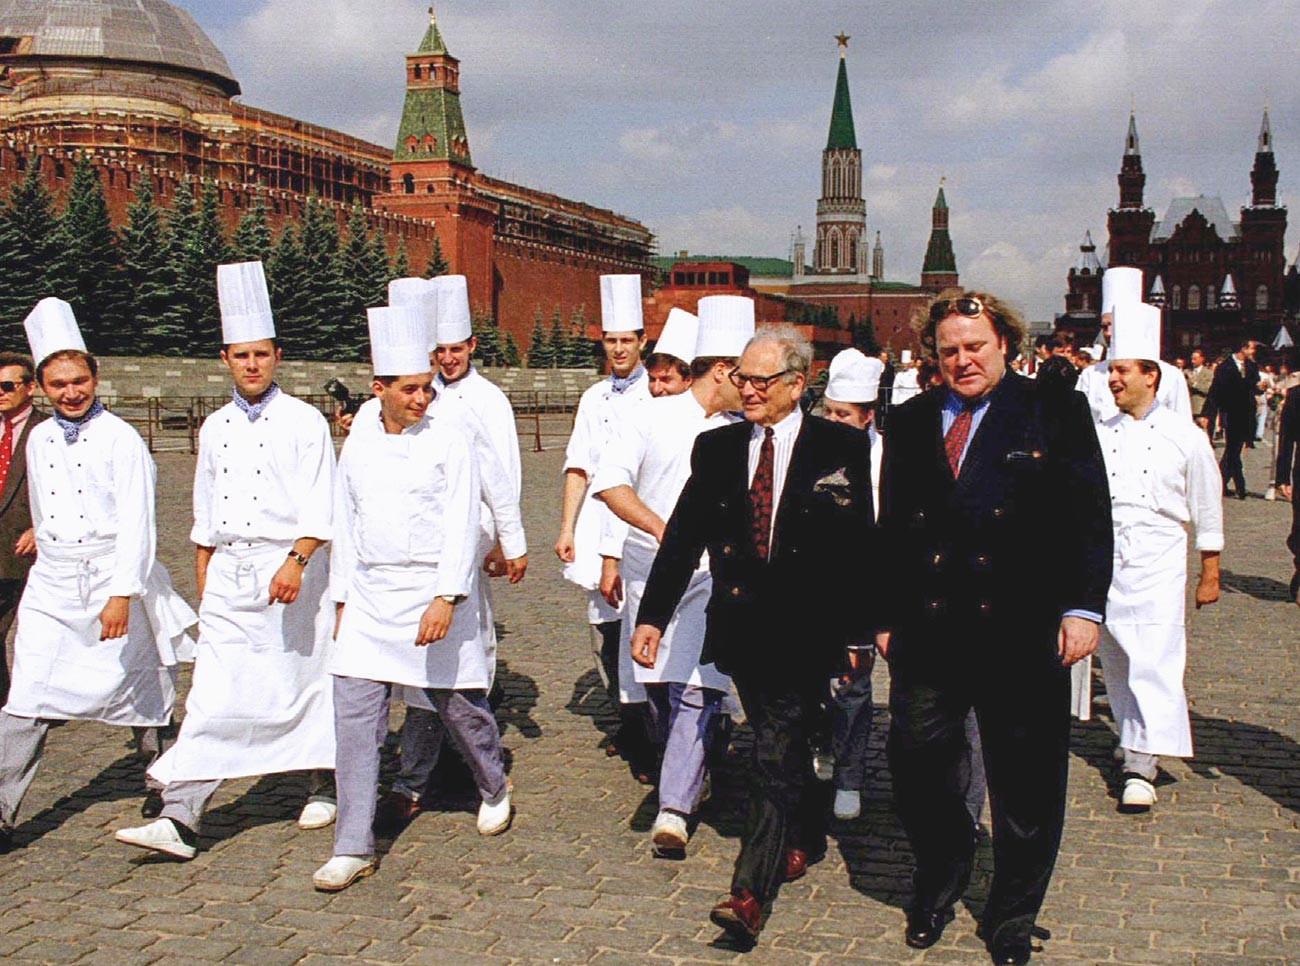 Pierre Cardin e lo staff del ristorante Maxim nel giorno della sua inaugurazione